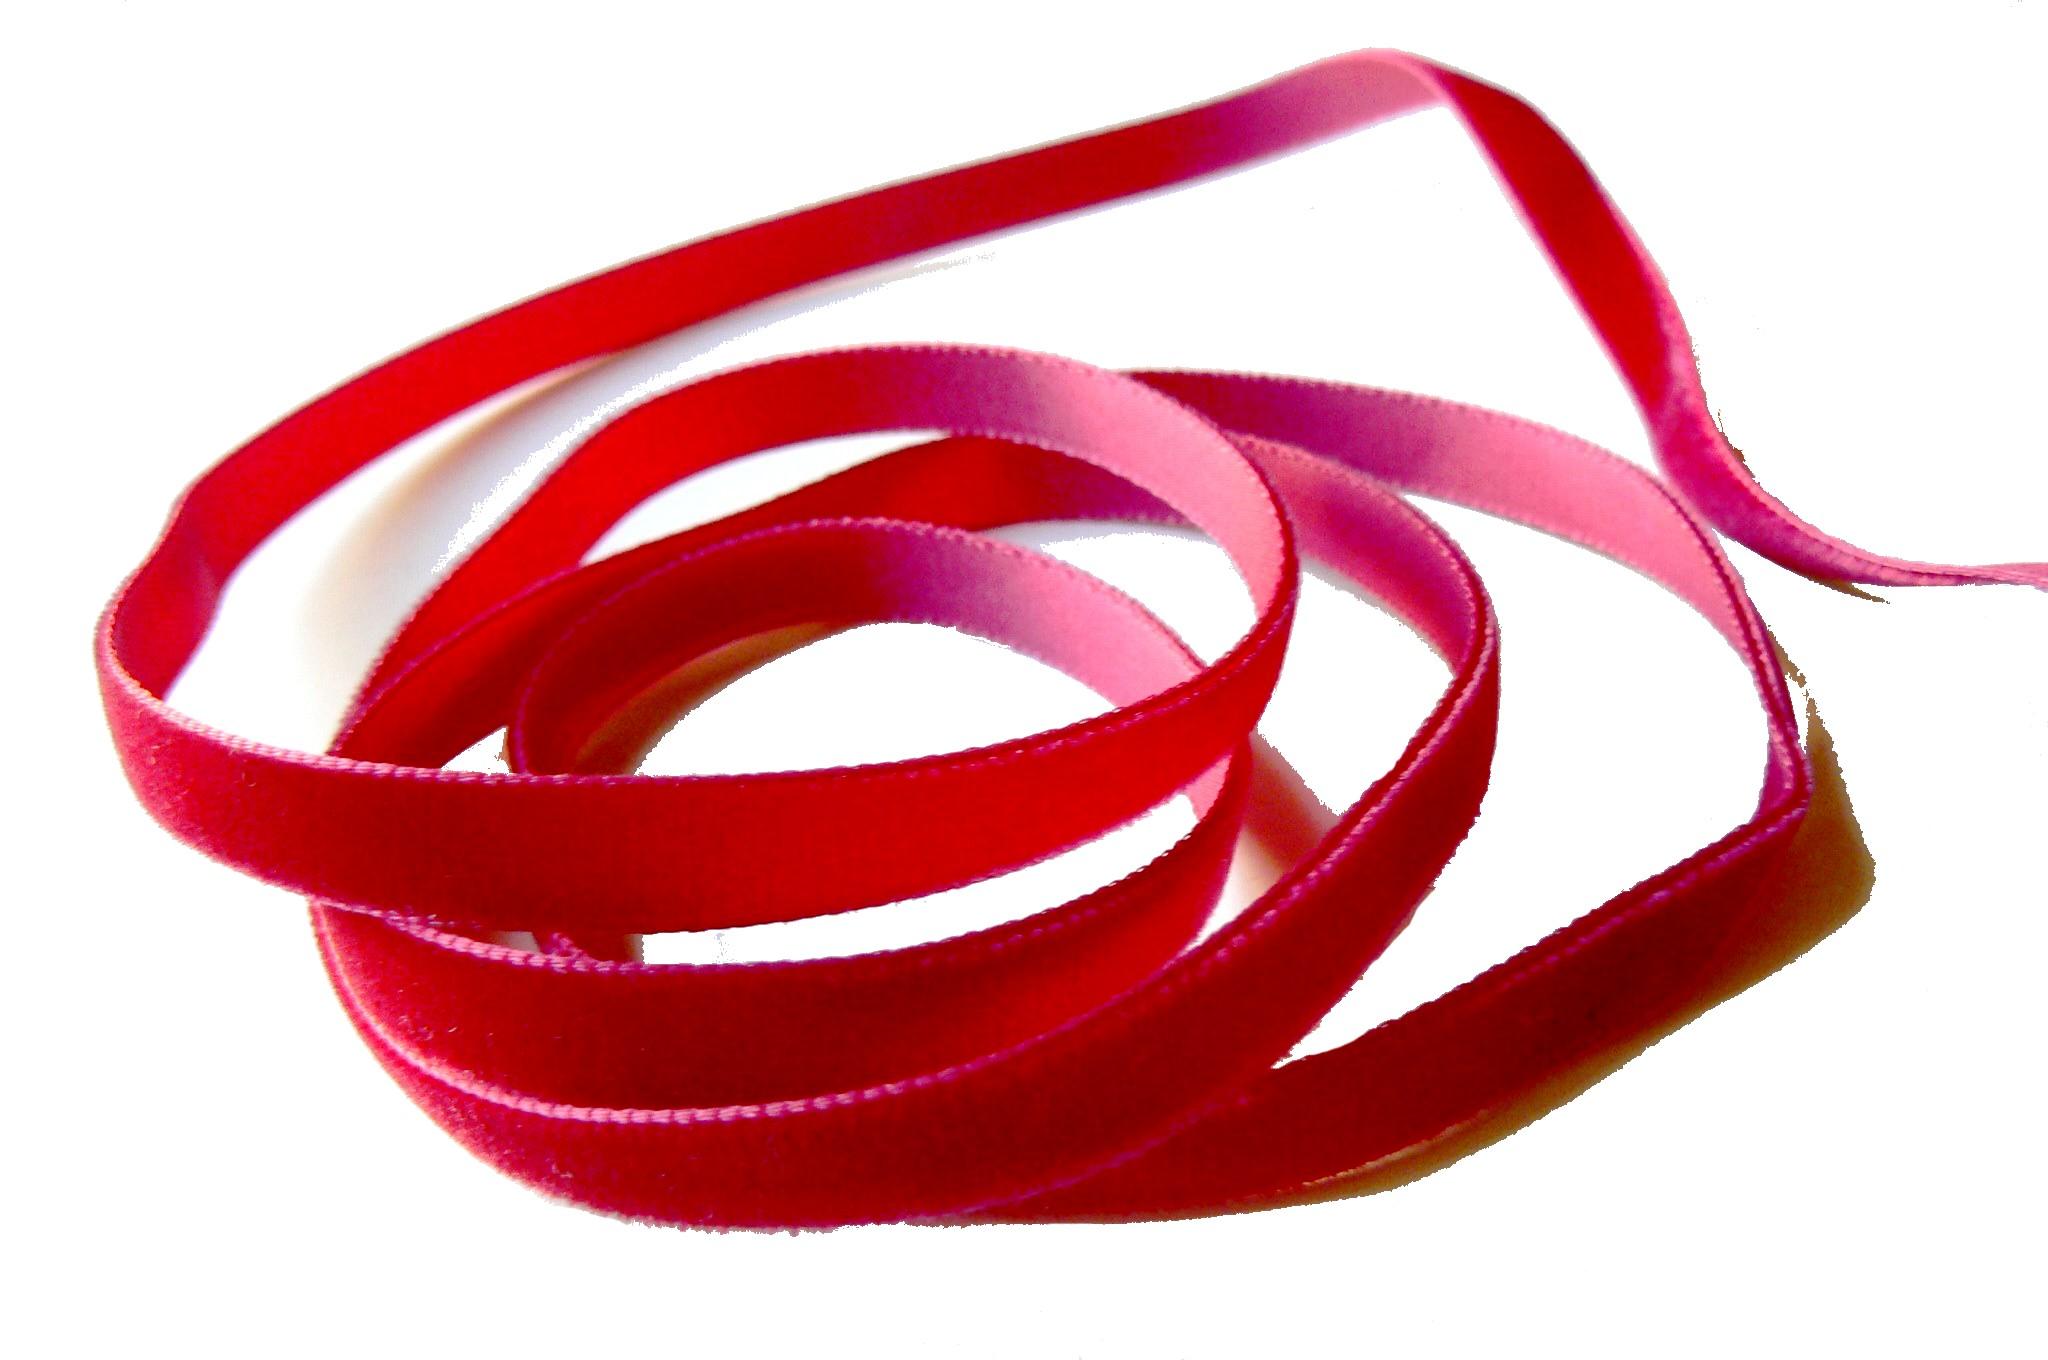 Ruban galon de velours – largeur 9 mm Rouge framboise